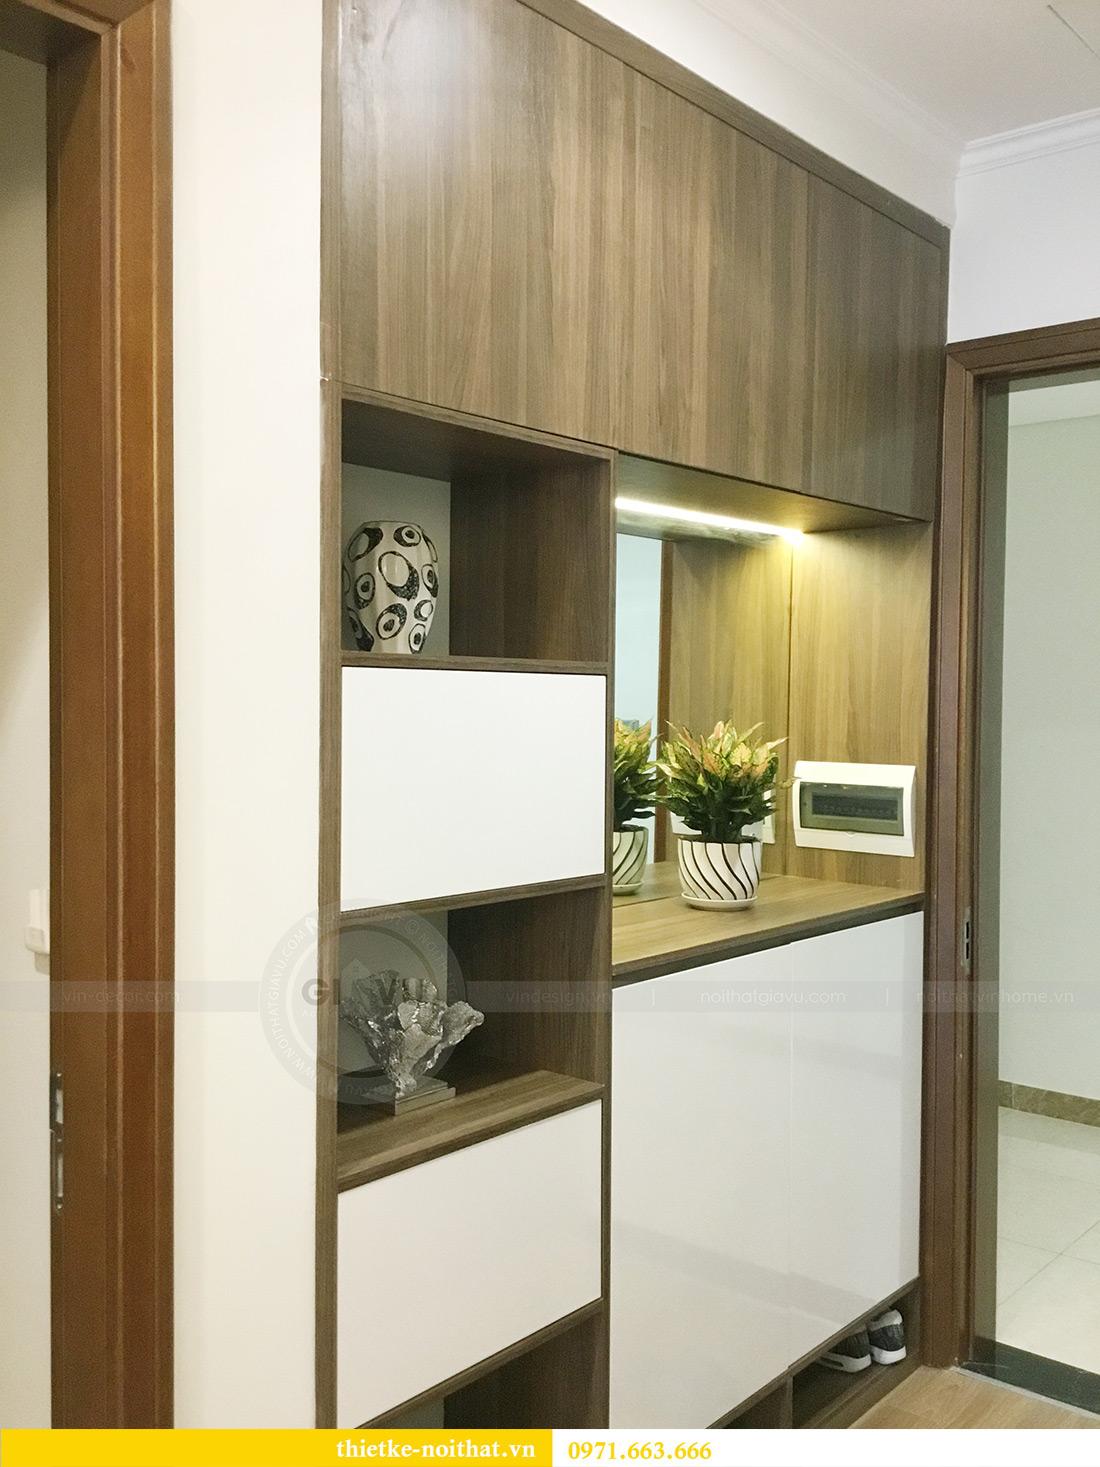 Thi công hoàn thiện nội thất chung cư Park Hill căn 21 Park 12 Anh Sơn 1